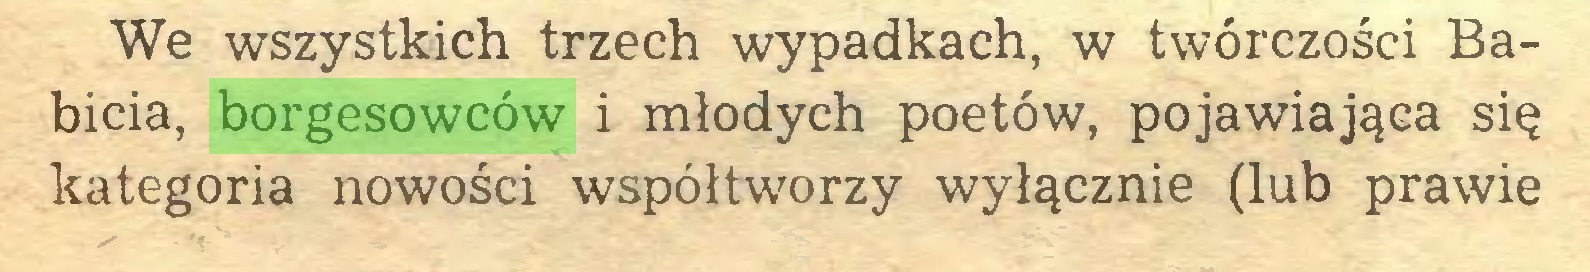 (...) We wszystkich trzech wypadkach, w twórczości Babicia, borgesowców i młodych poetów, pojawiająca się kategoria nowości współtworzy wyłącznie (lub prawie...